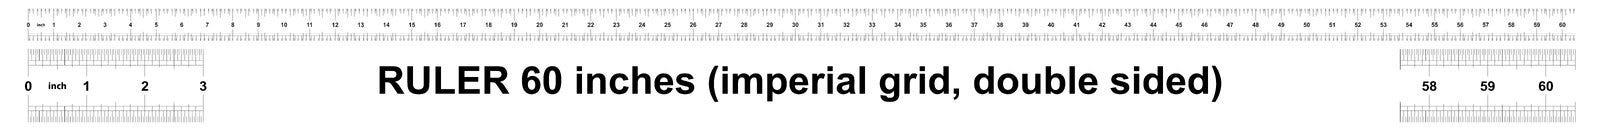 Правитель 60 дюймов имперский Цена разделения 1/32 дюймов Двойник правителя встал на сторону Точный измеряя инструмент Решетка та бесплатная иллюстрация